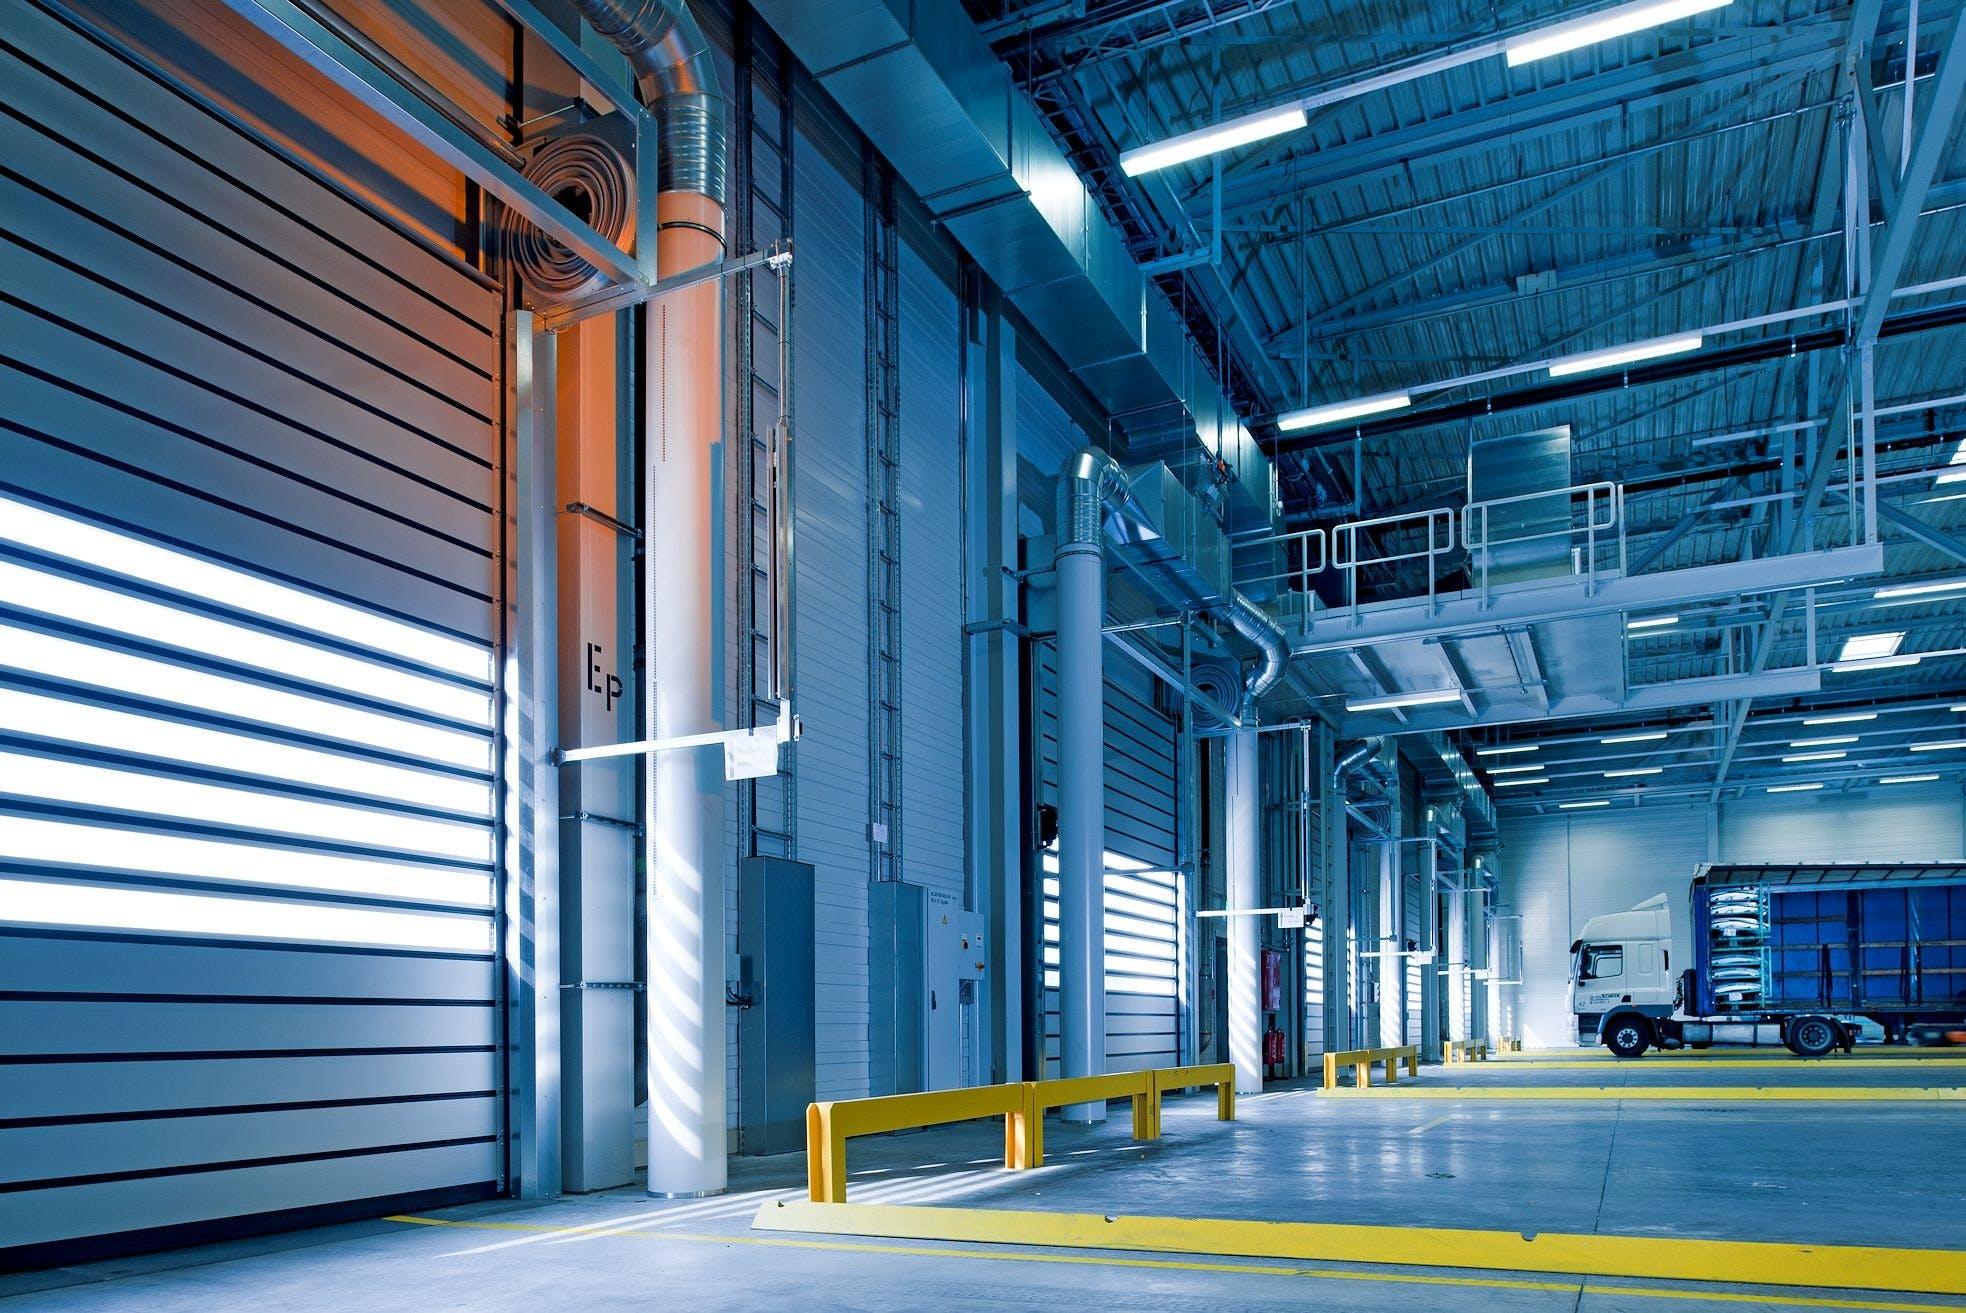 Ingyenes stockfotó acél, acélszerkezet, bejárat, belső témában